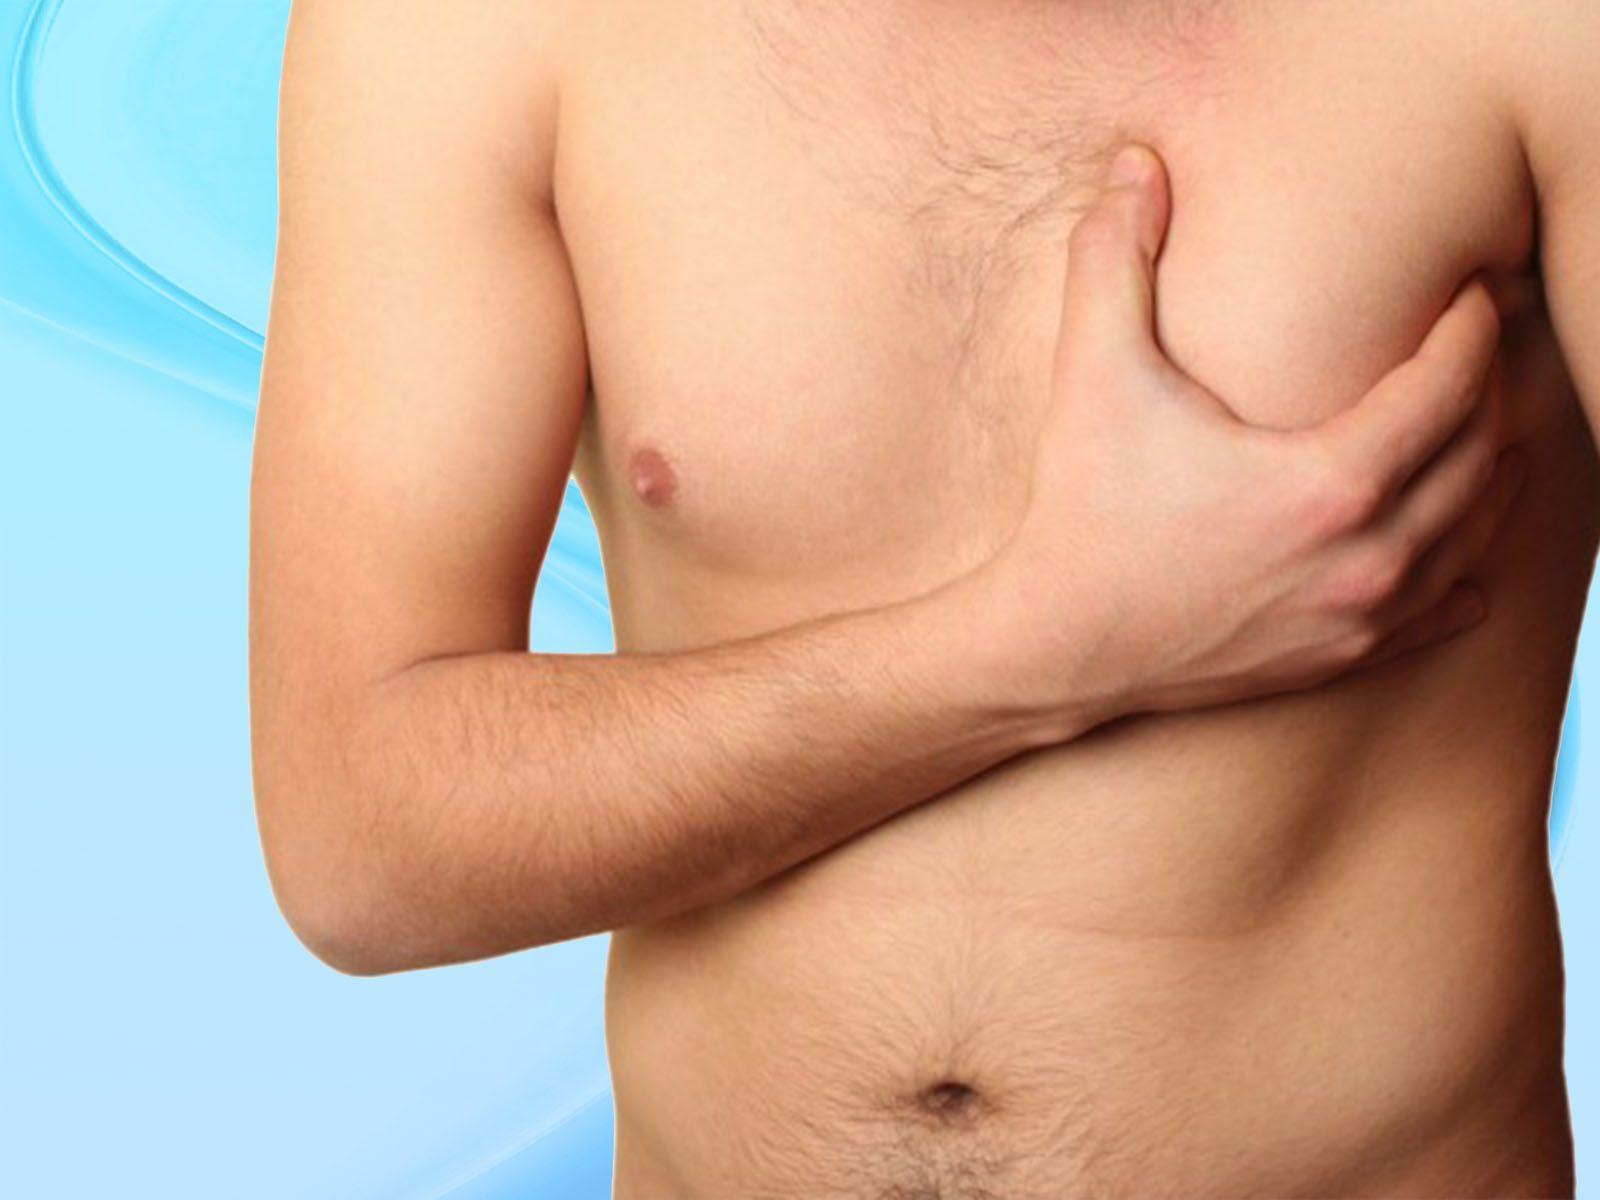 Фото больших ореол и сосков, Большие ореолы груди (big nipples) фото и видео 25 фотография